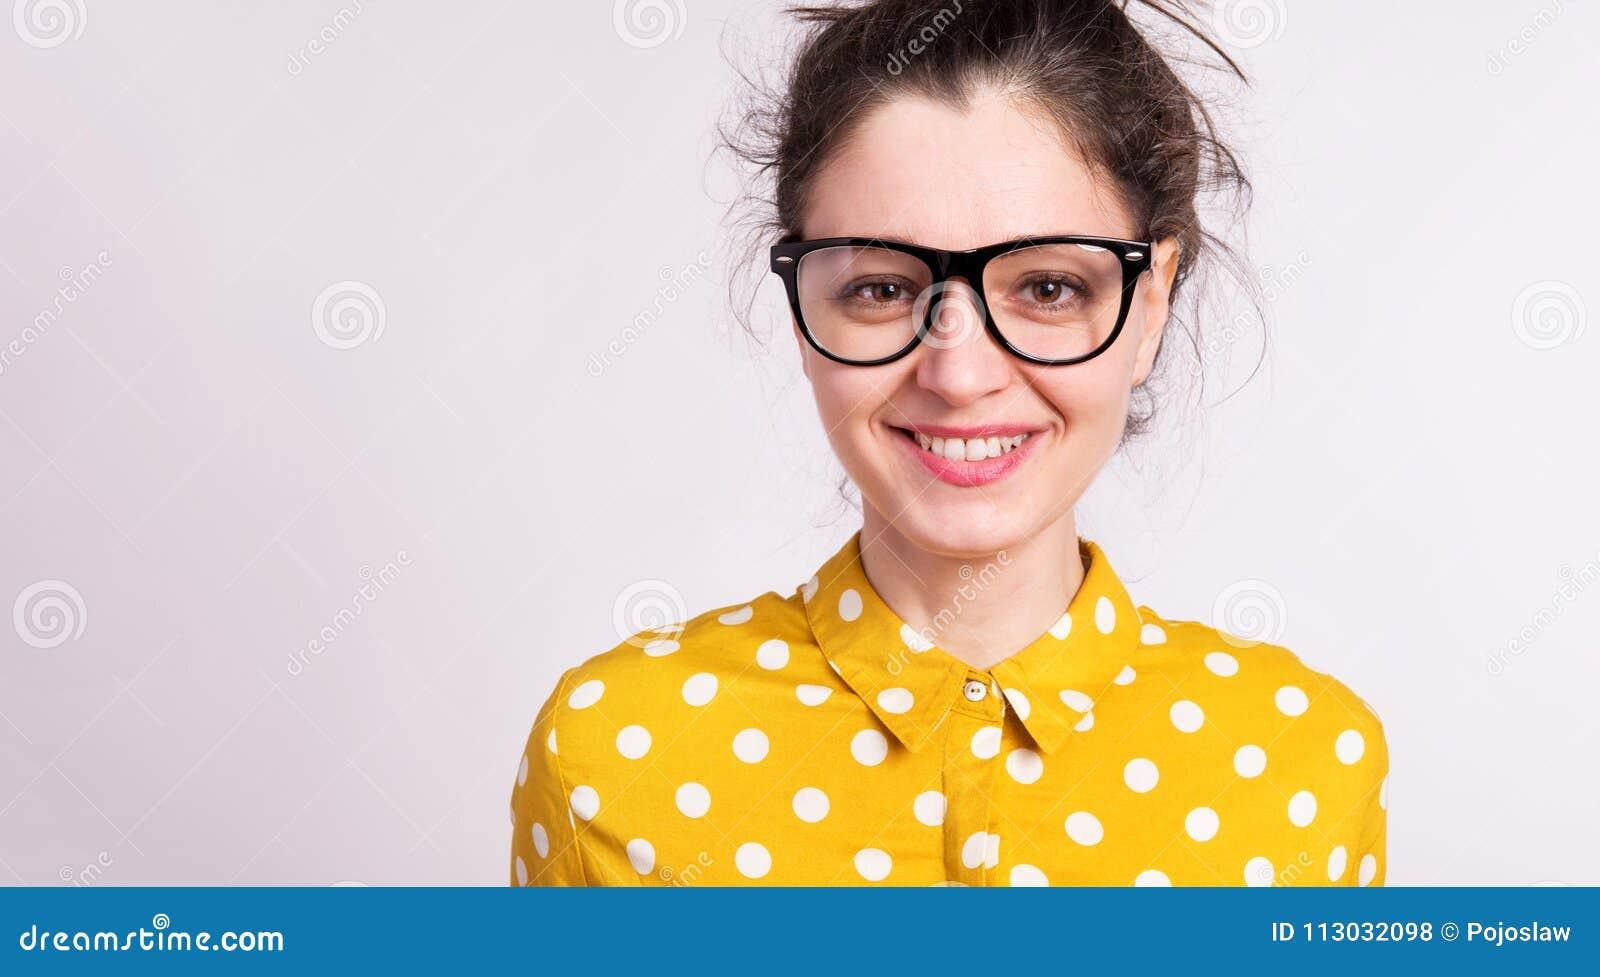 Retrato de una mujer hermosa joven en estudio